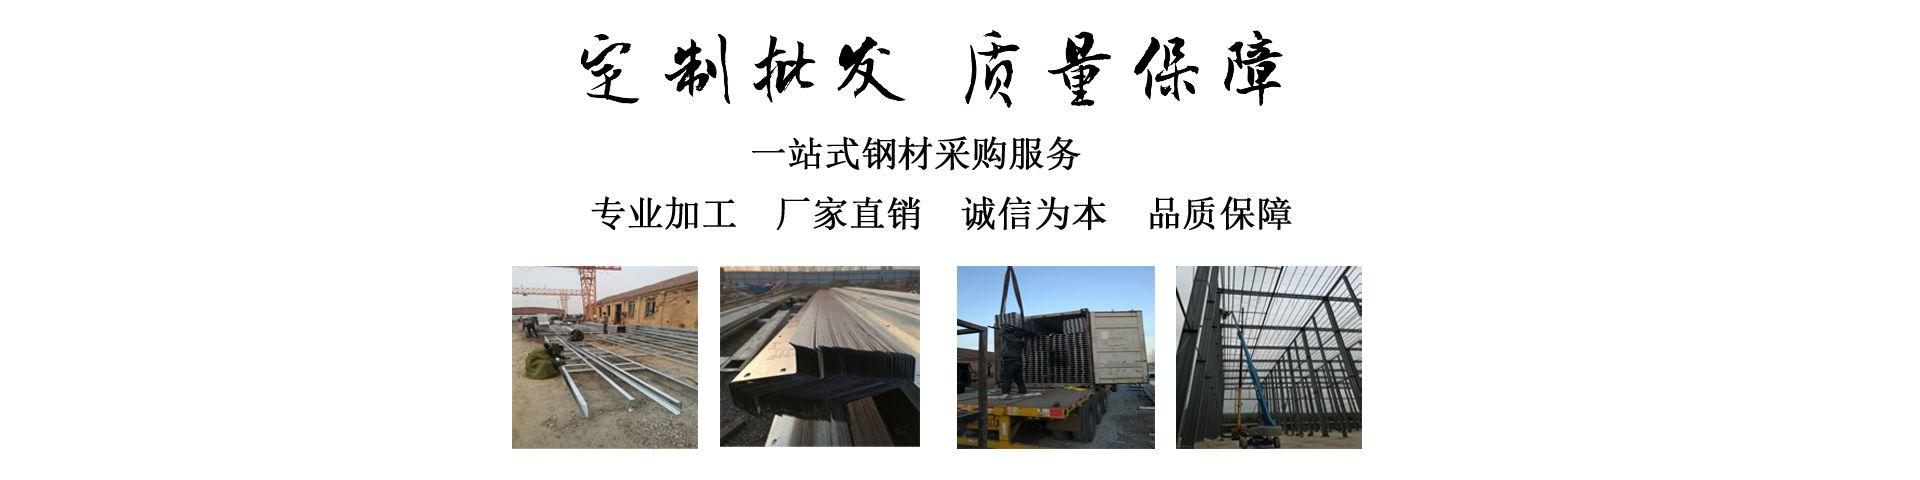 天津中盛兴隆金属科技有限公司